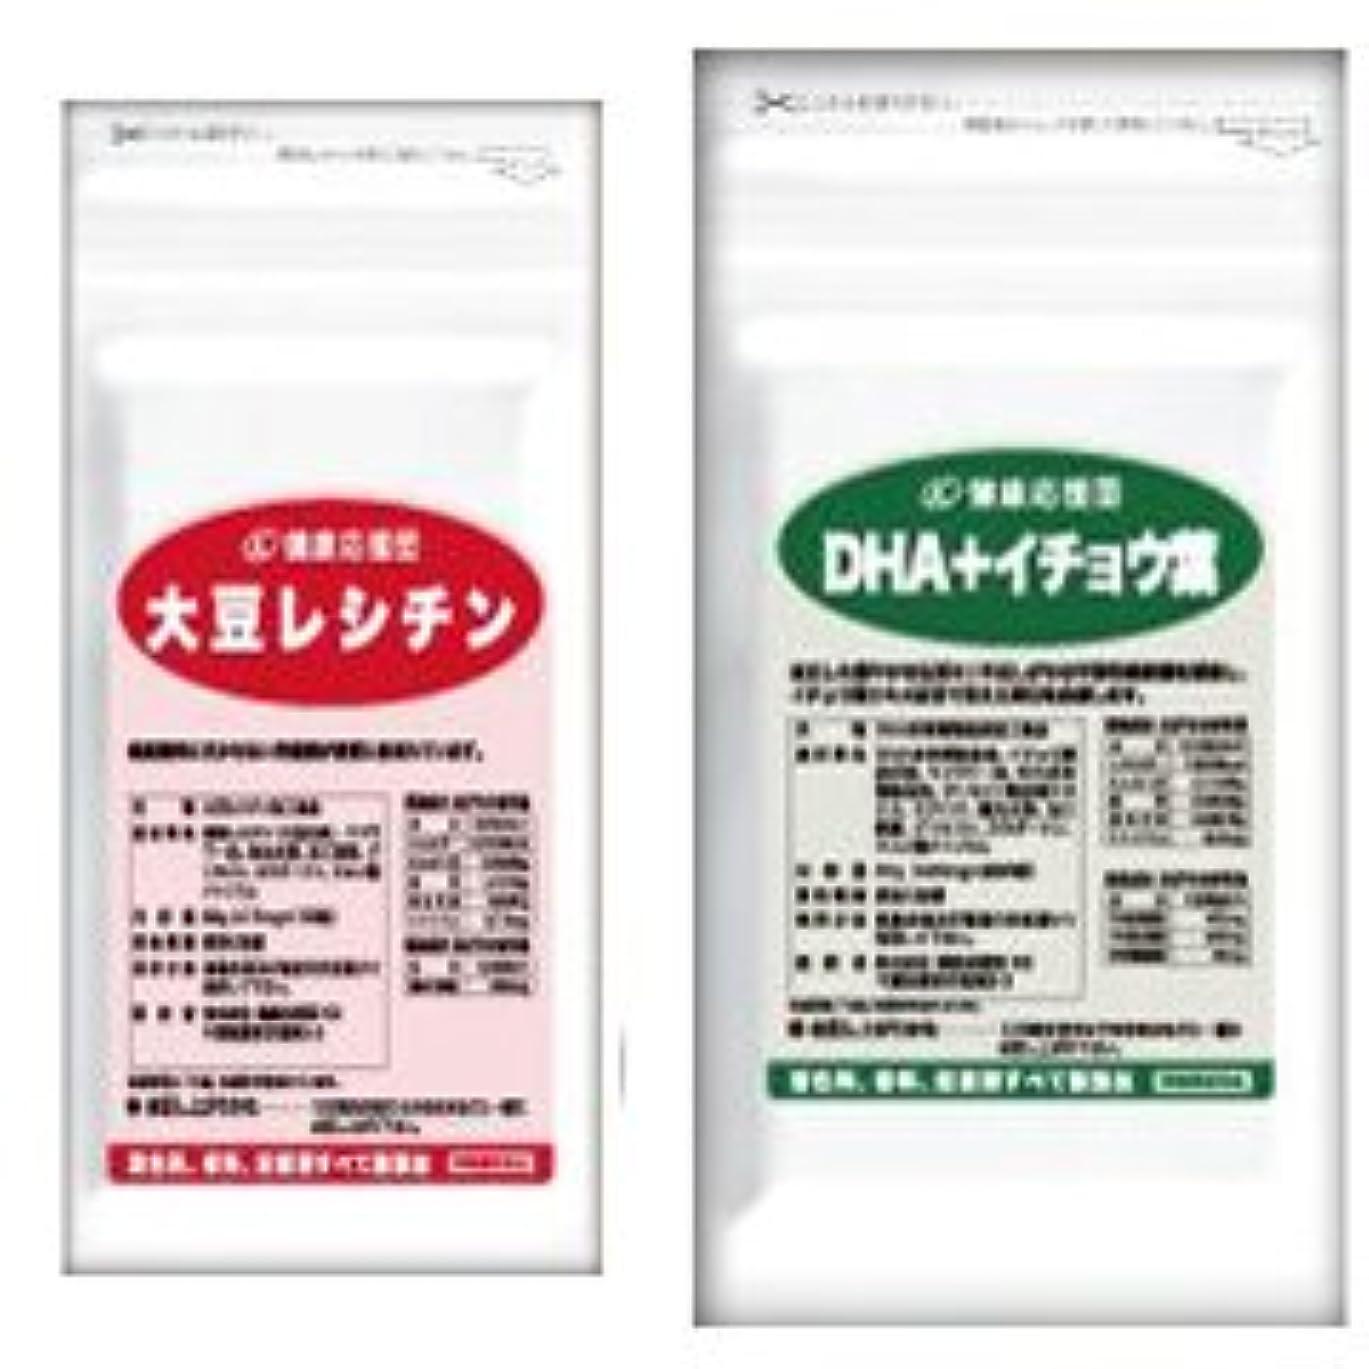 司書コントローラさておき流れサラサラセット 大豆レシチン+(DHA+イチョウ葉) (DHA?EPA?イチョウ葉)